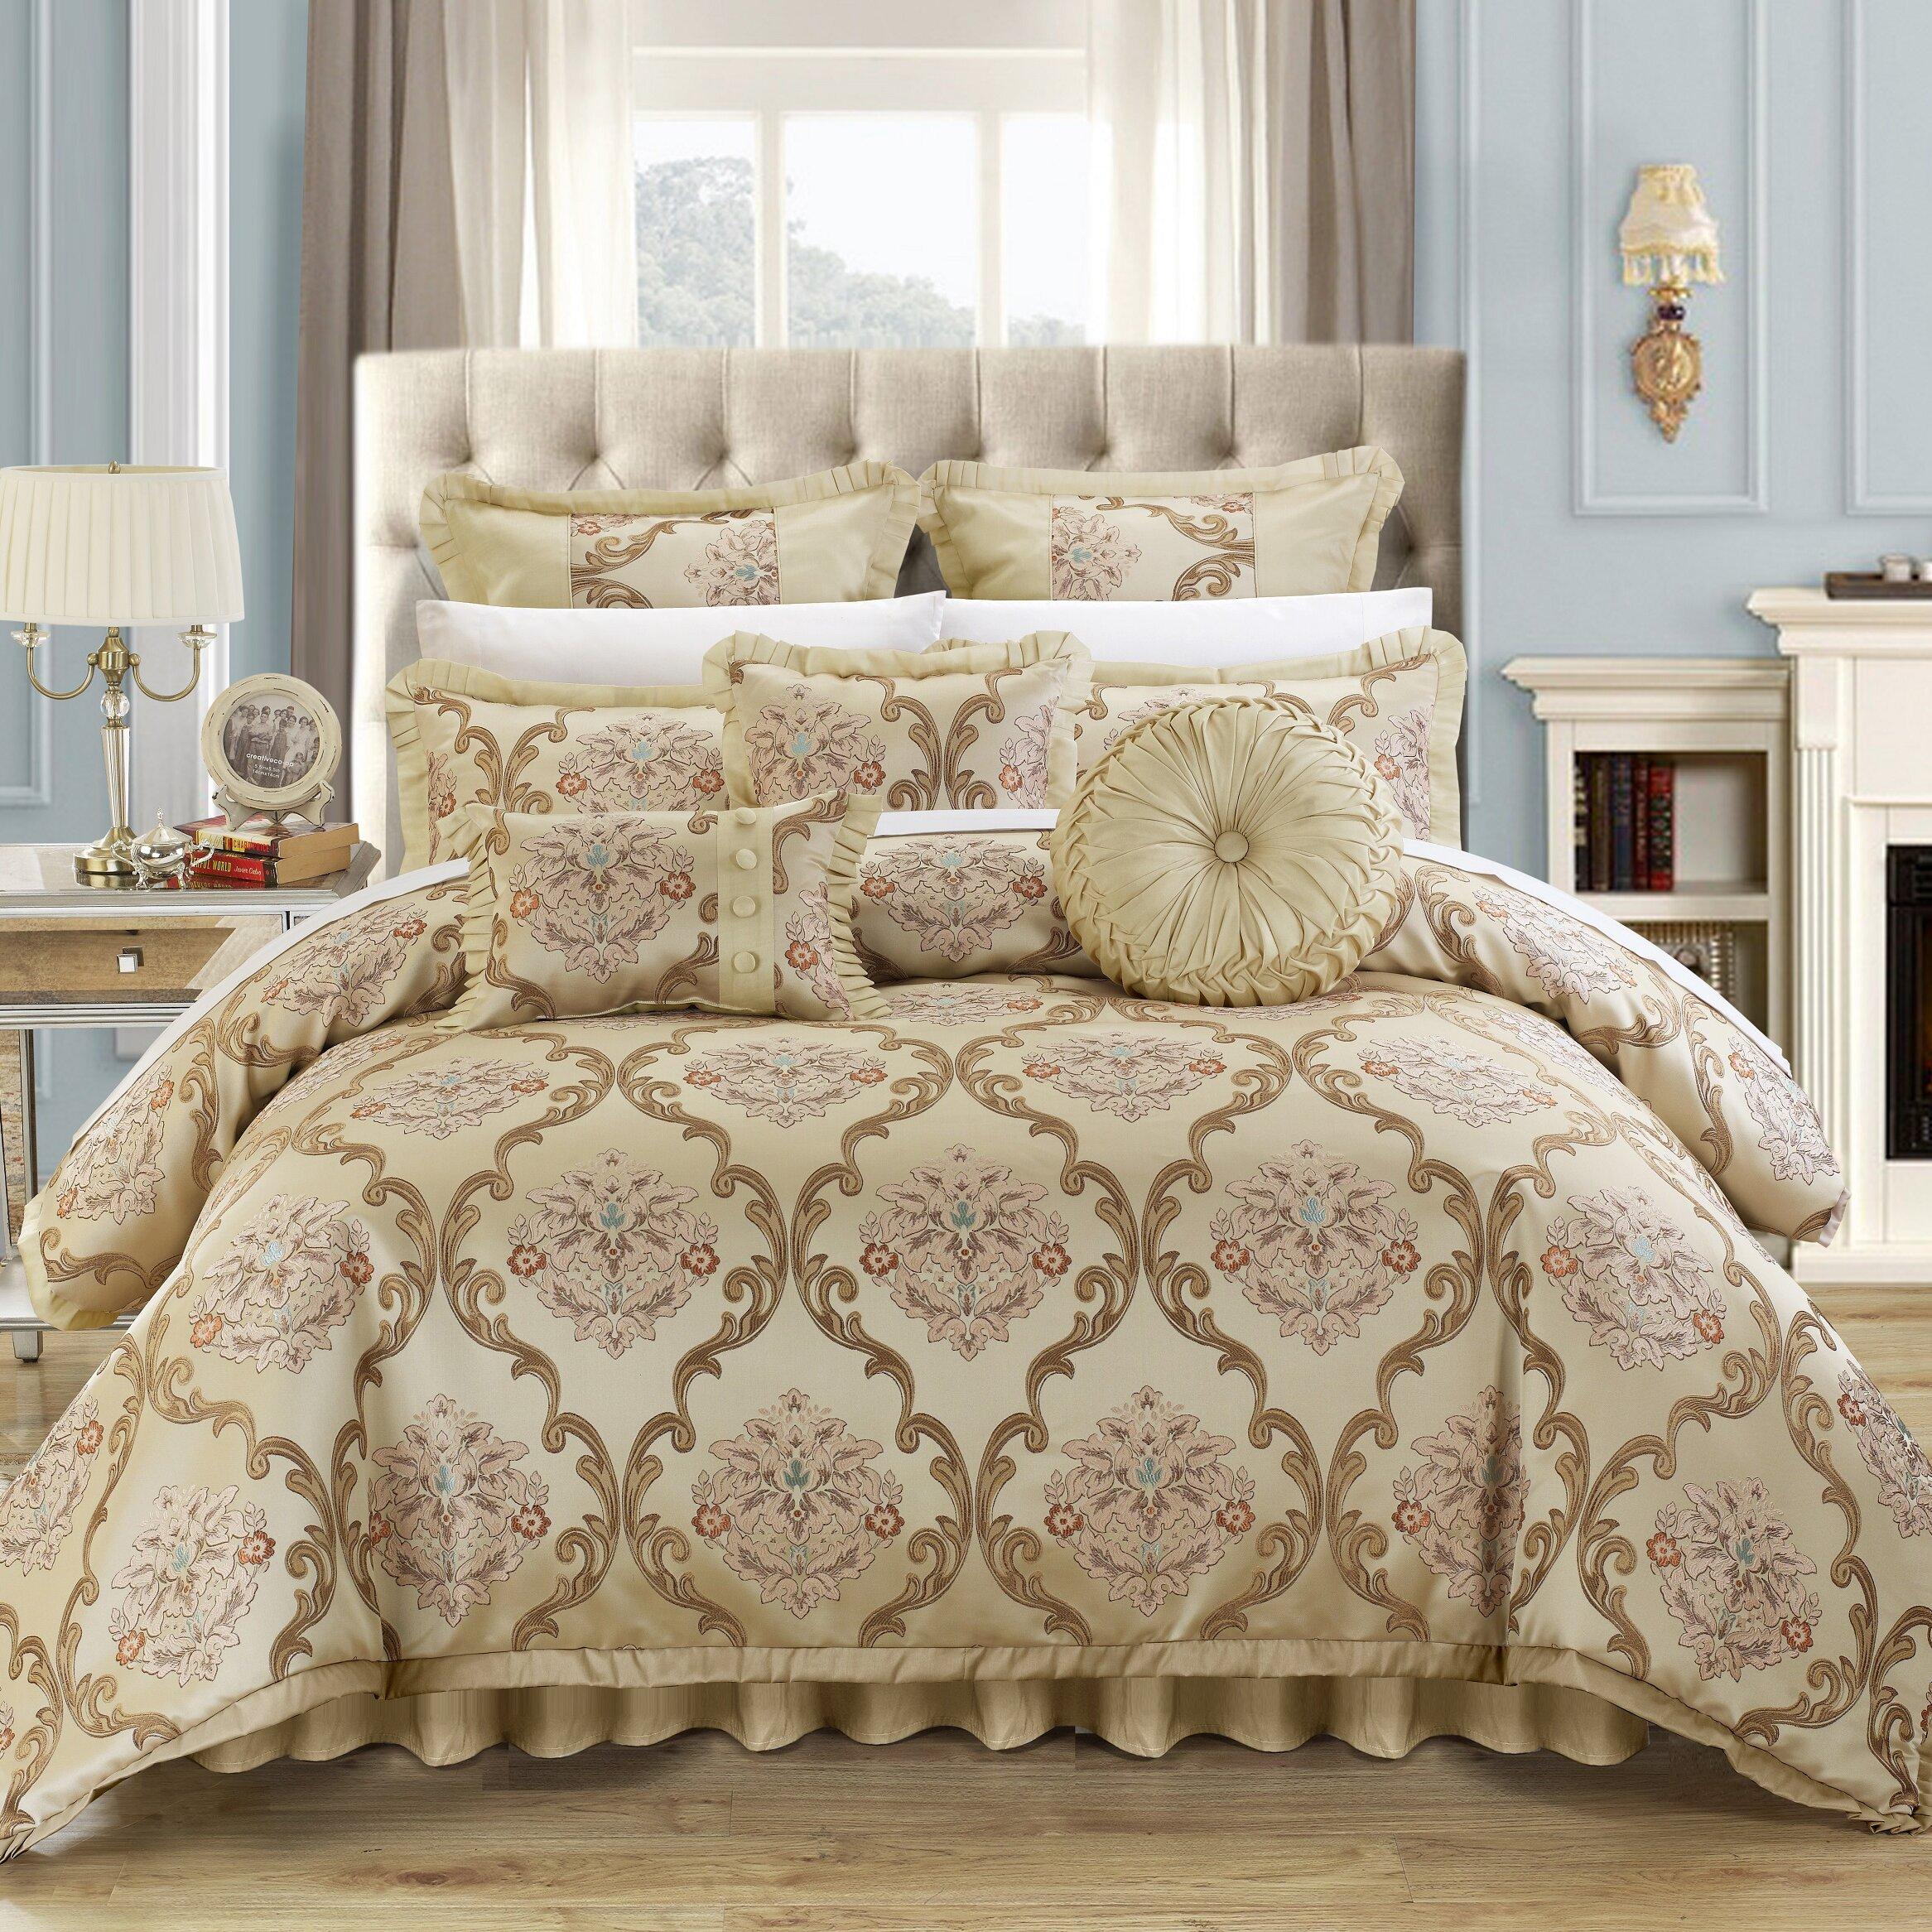 Wayfair Clearance: Chic Home Aubrey 9 Piece Comforter Set & Reviews